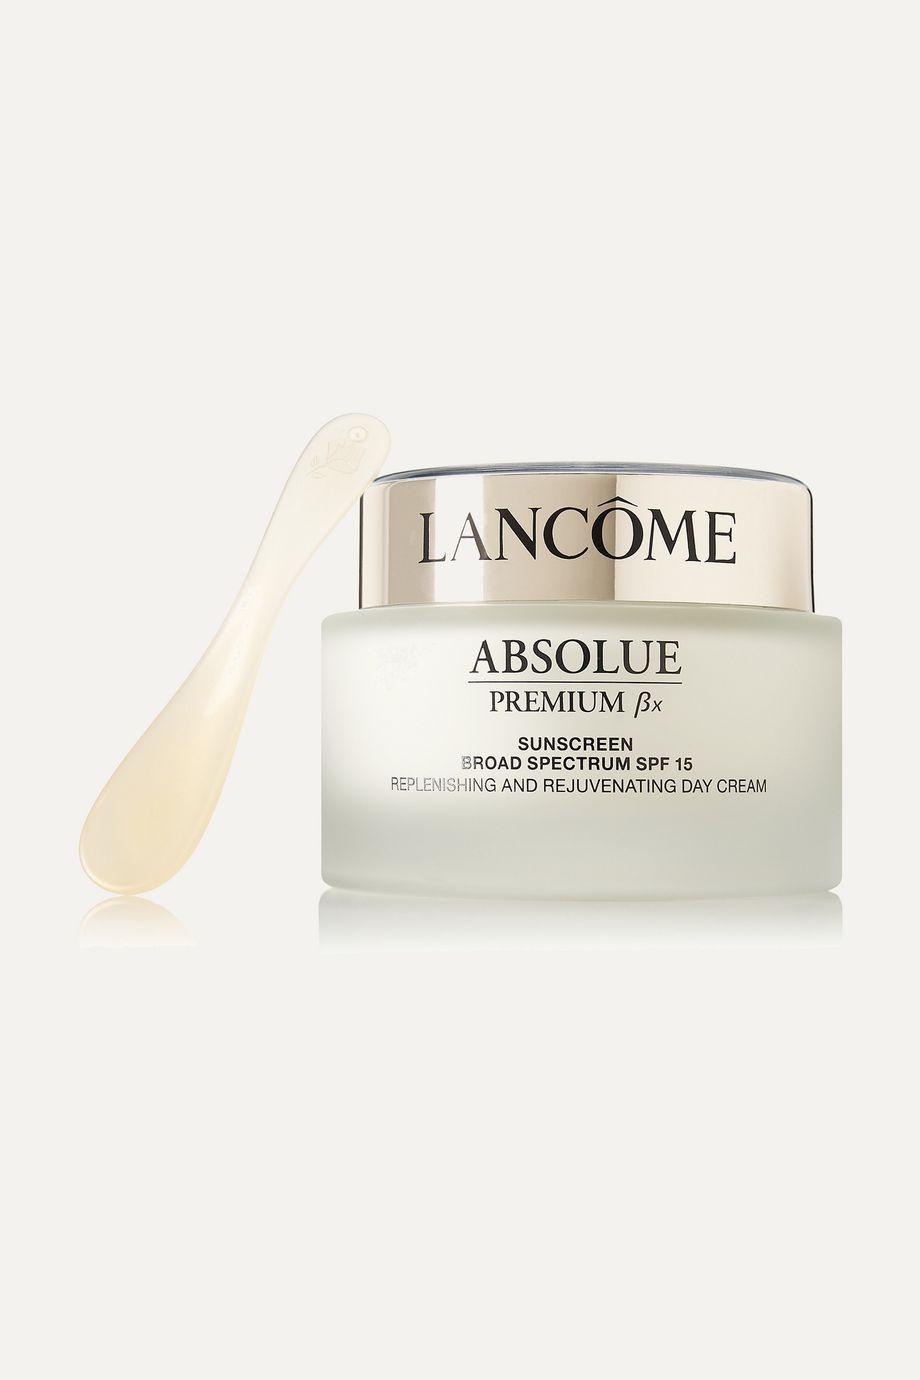 Lancôme Absolue Premium ßx Cream, 75ml